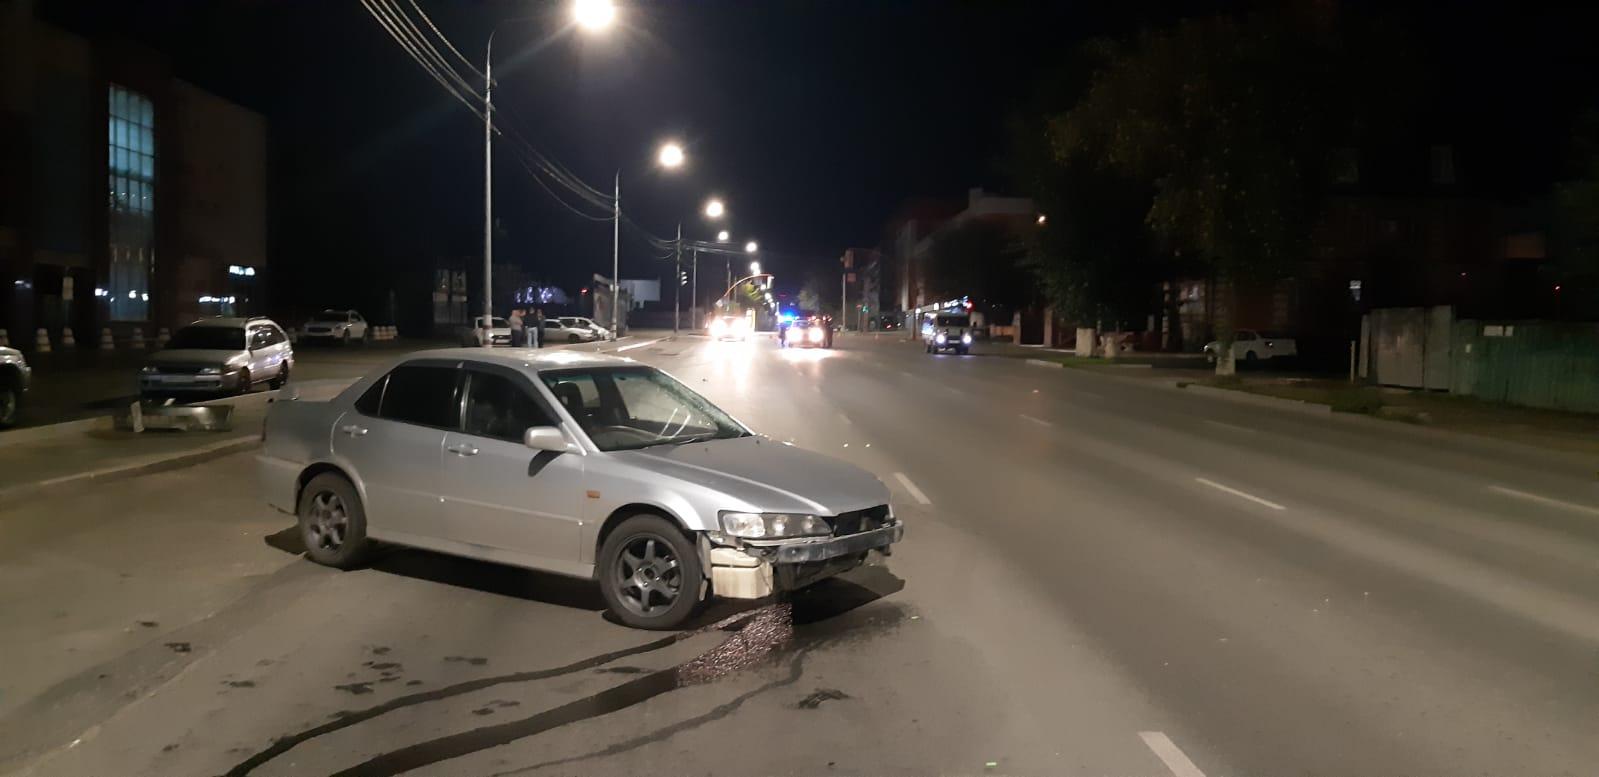 Пешеходу оторвало ногу результате смертельного в Барнауле